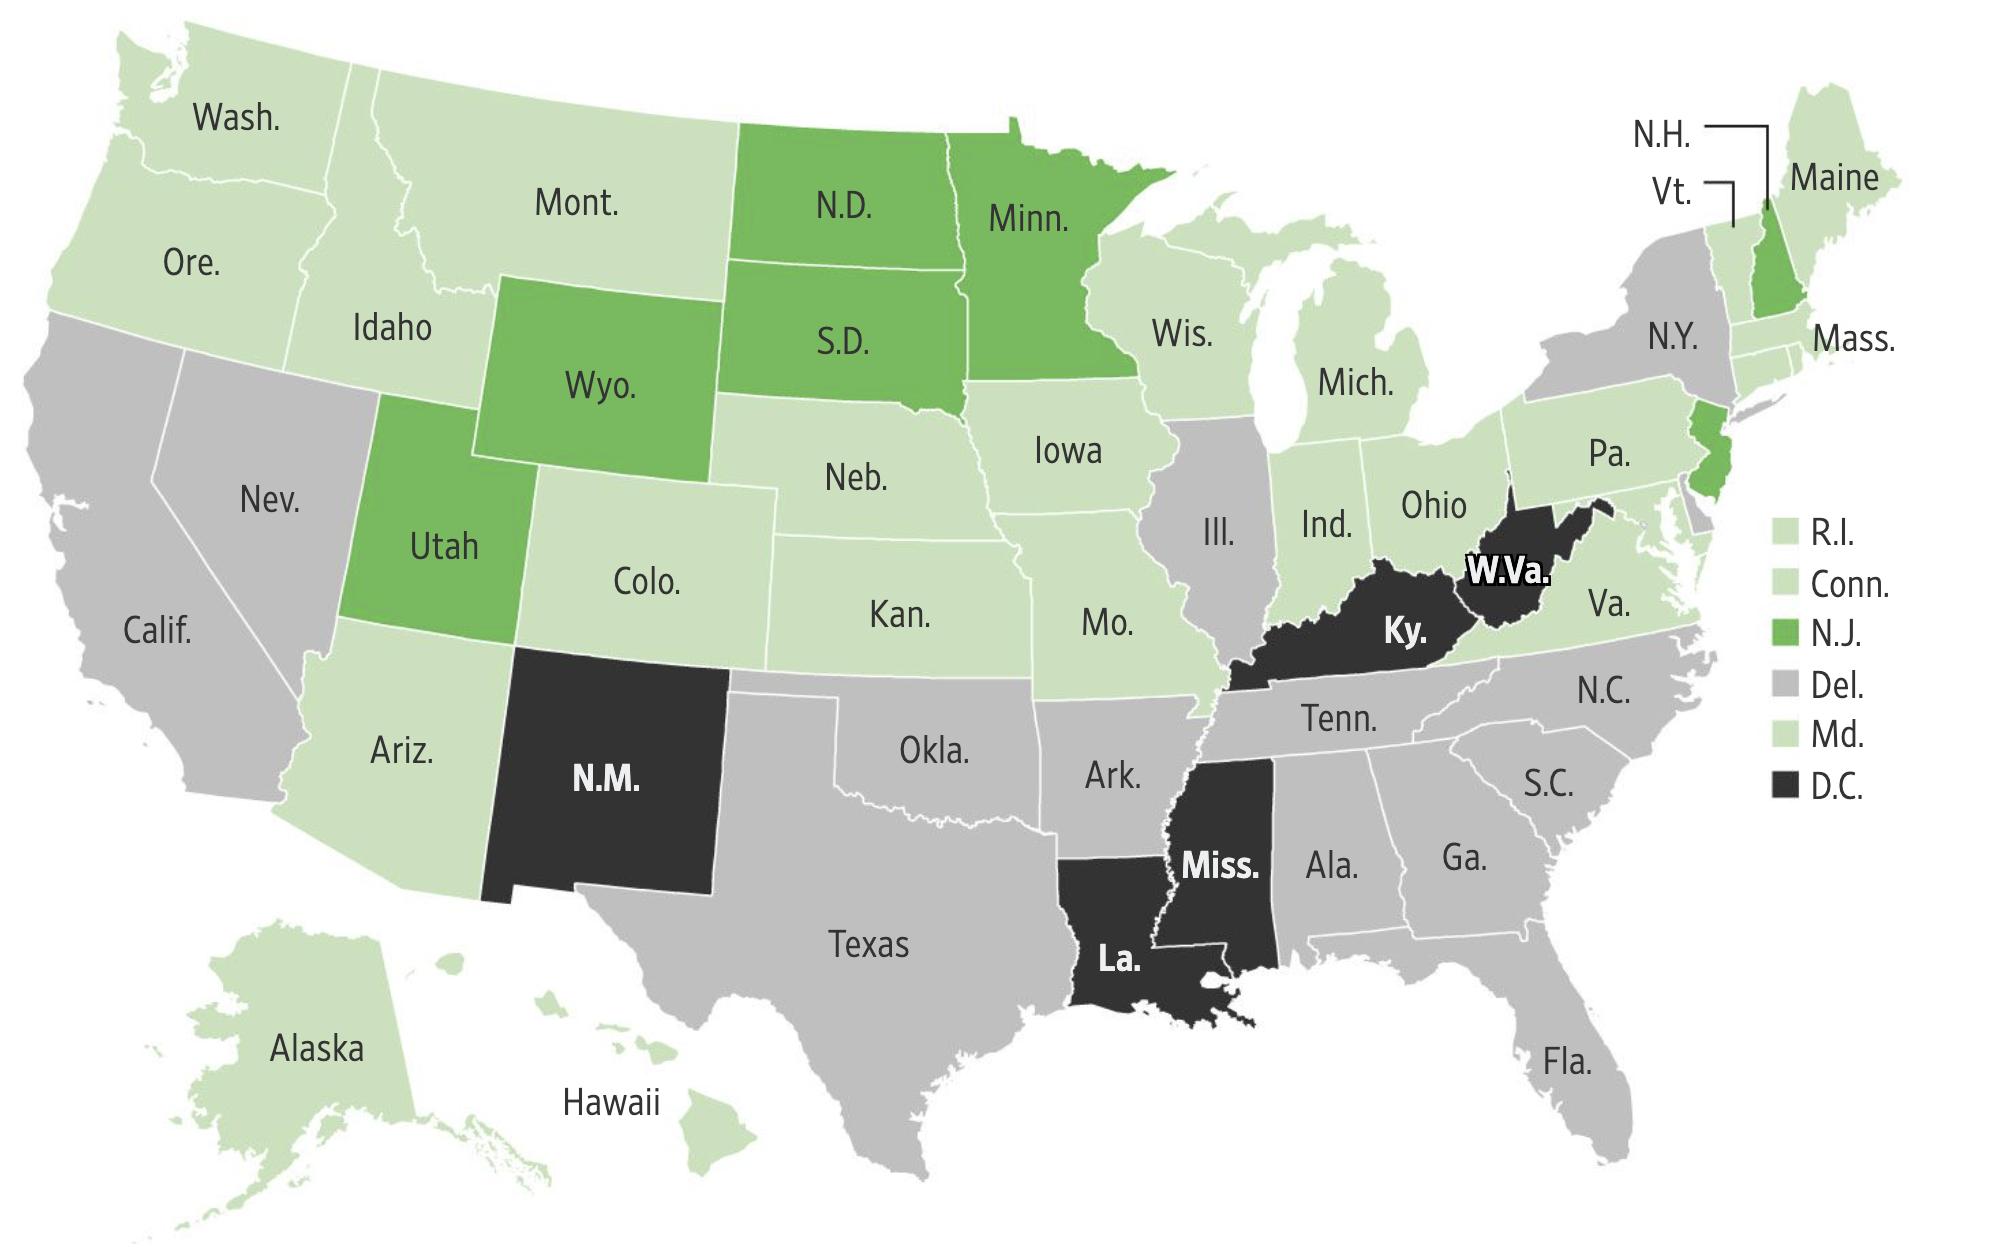 У какого процента студентов в разных штатах США нет надежного подключения к интернету: темно-зеленые штаты — менее 15%, светло-зеленые — 15—19%, серые — 20—24%, черные — 25% и более. Источник: Wall Street Journal